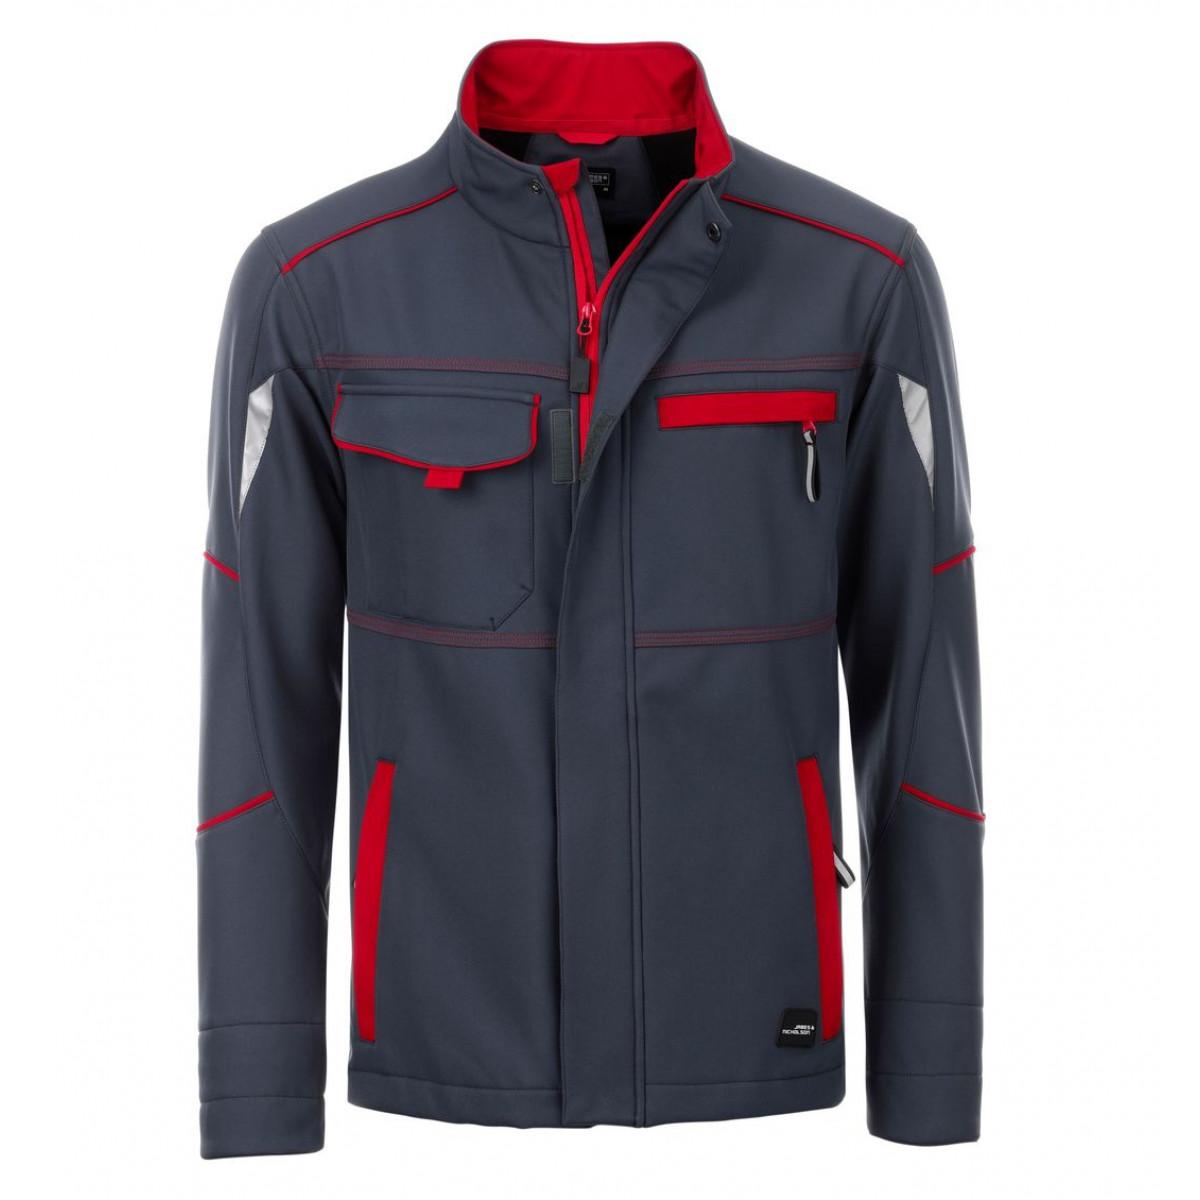 Куртка мужская JN851 Workwear Softshell Jacket-Level 2 - Темно-серый/Красный